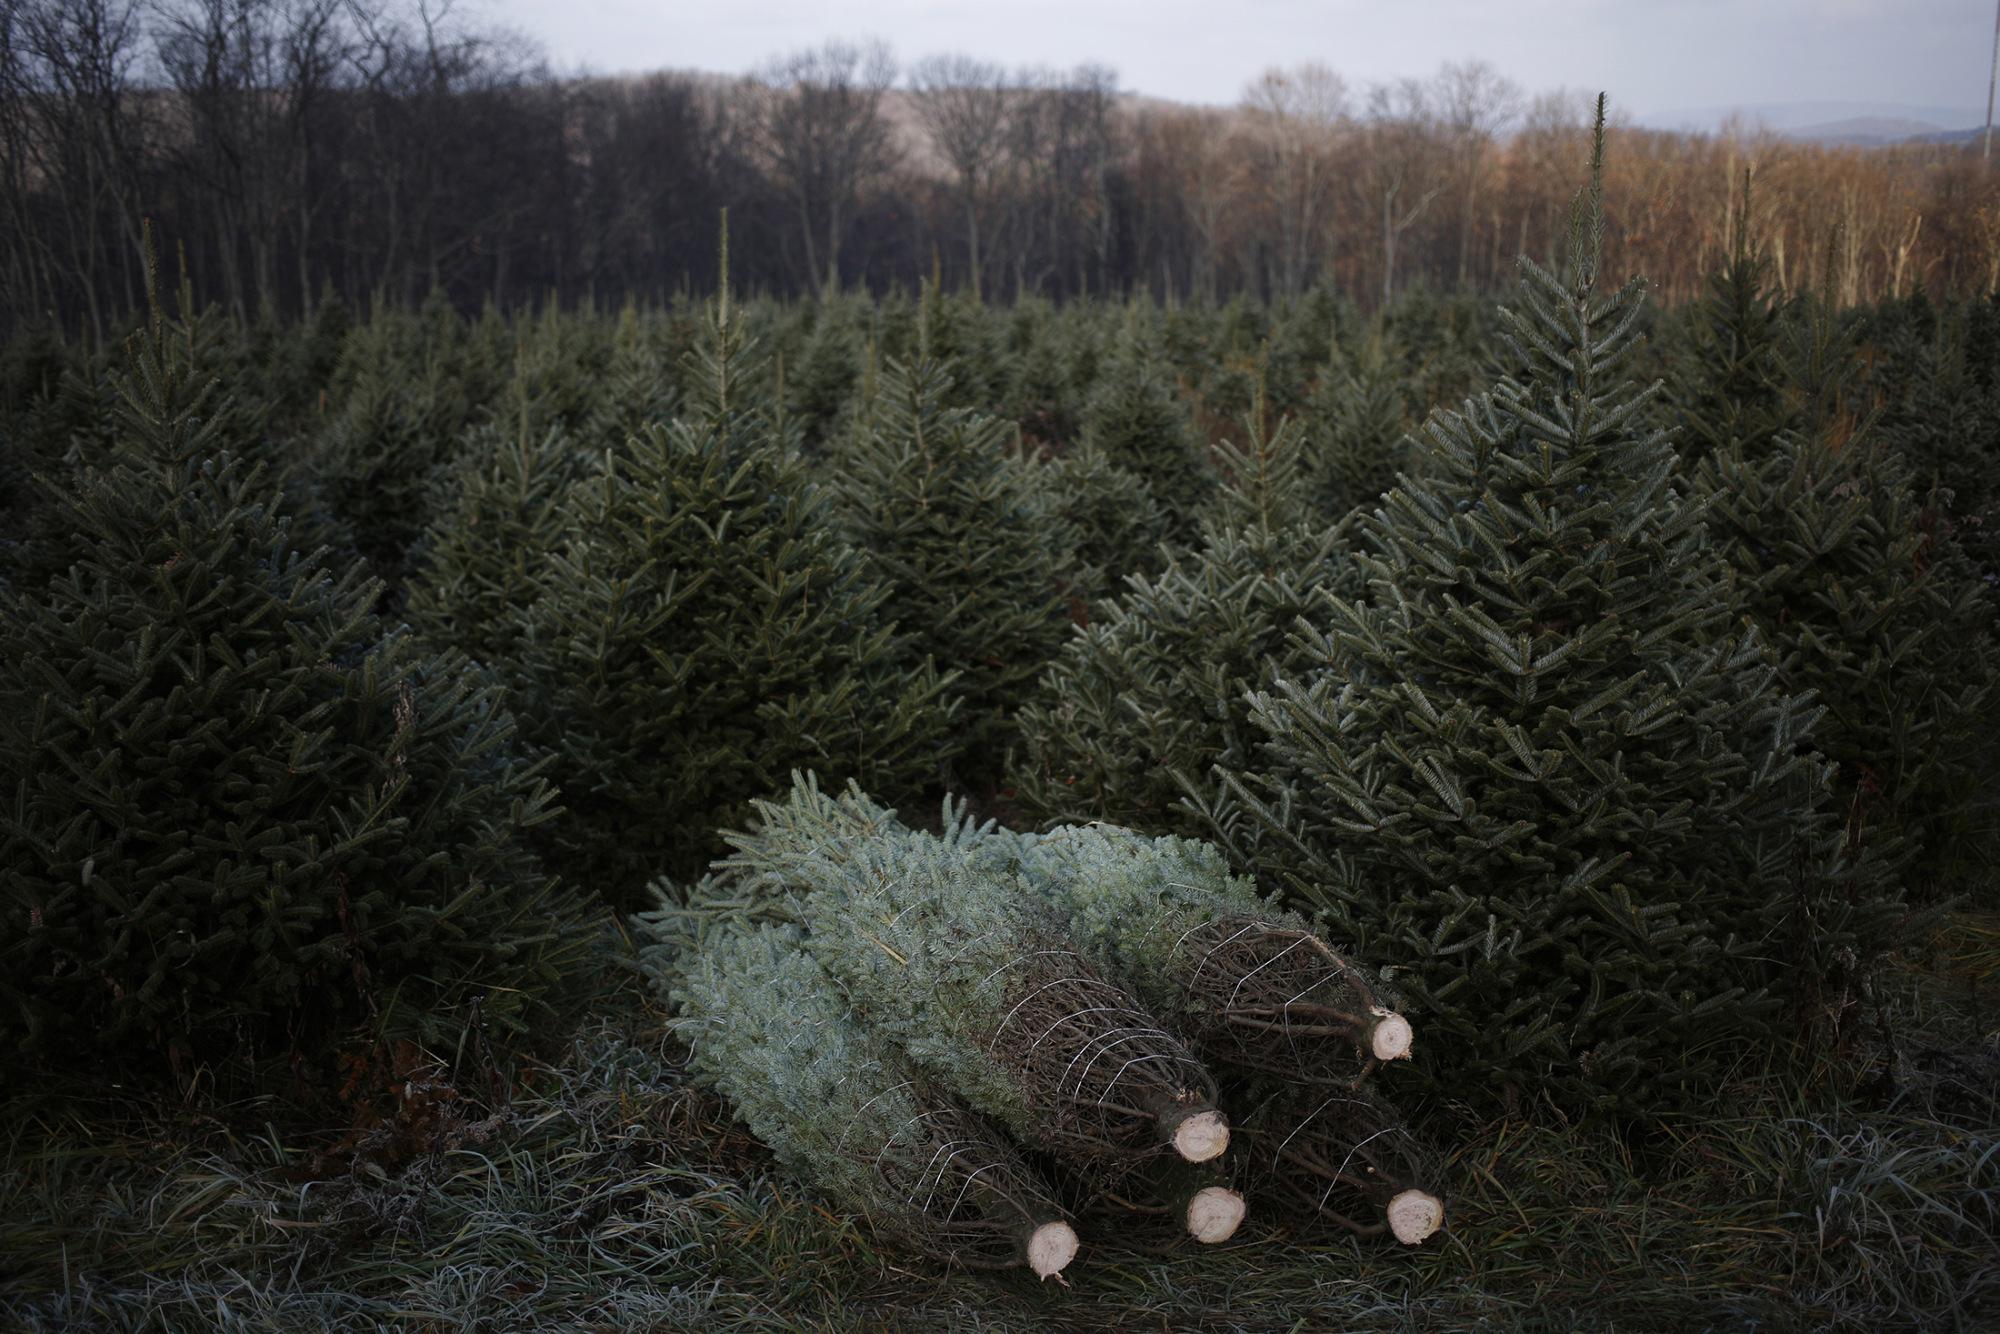 O christmas tree where do you come from bloomberg for Where did christmas trees originate from